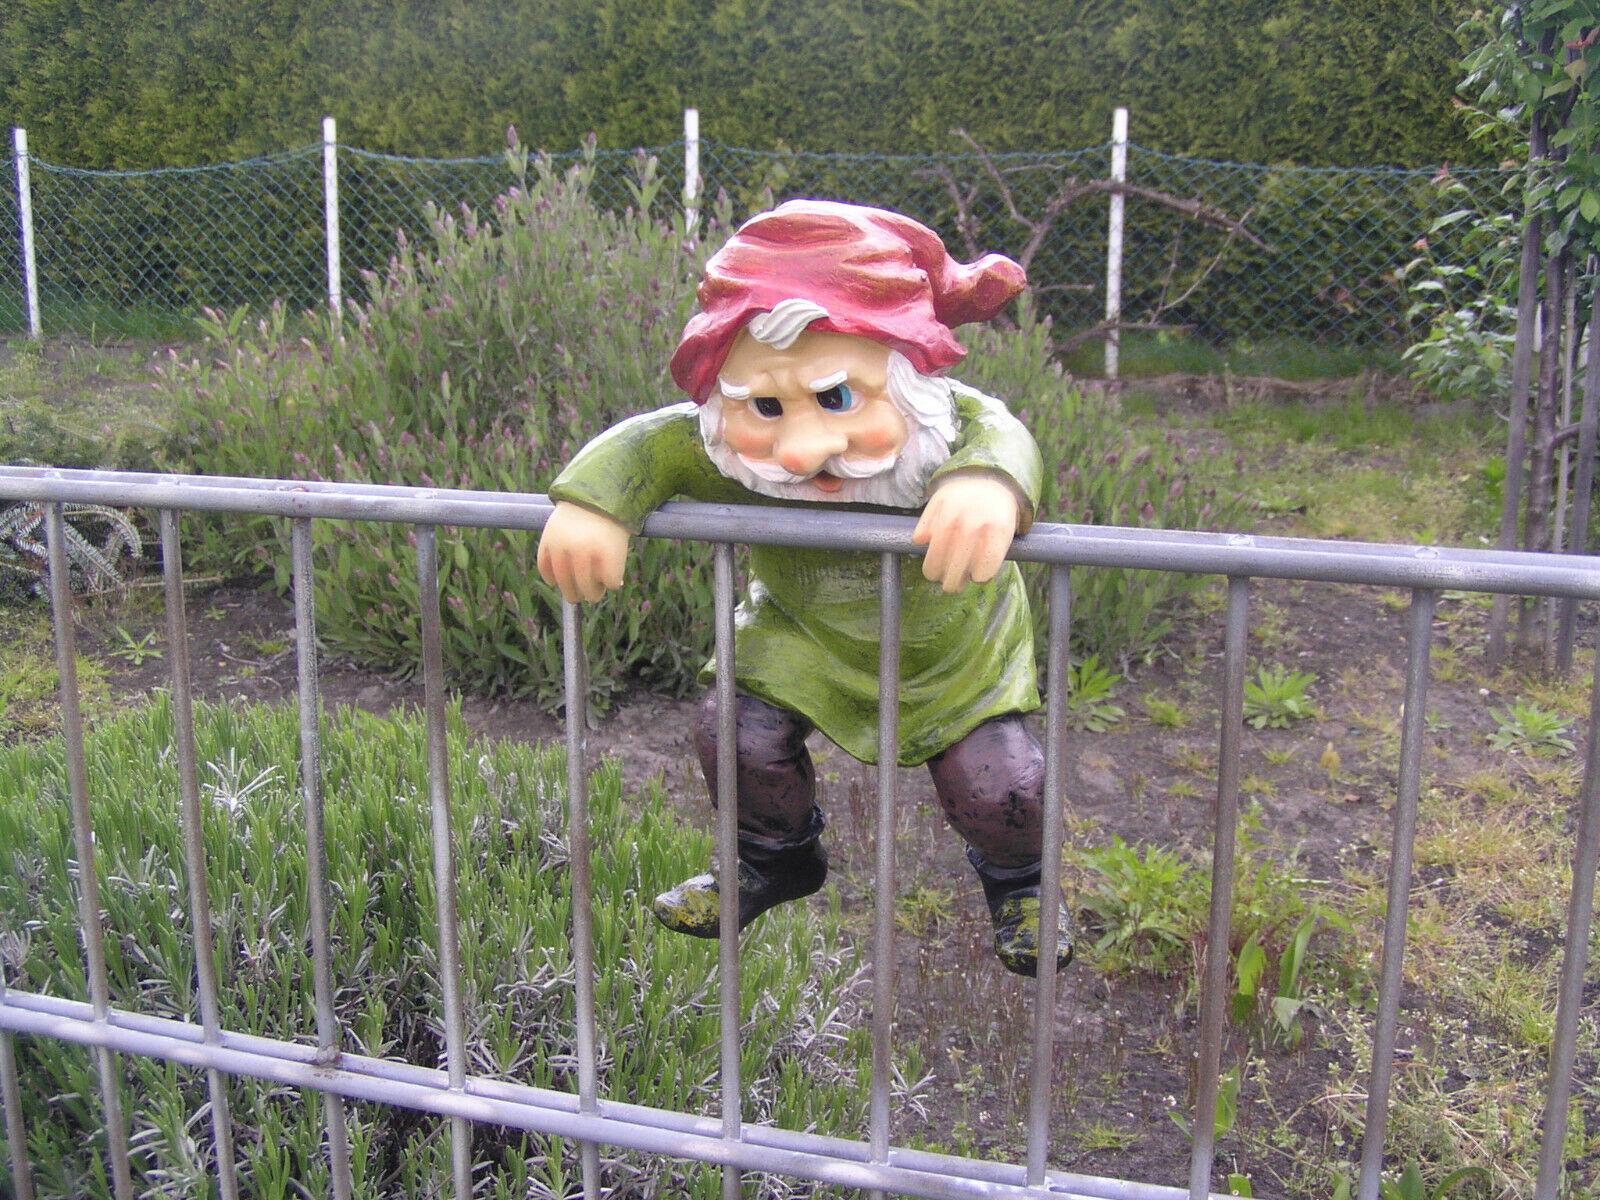 Gartenzwerg zum Hängen, ca. 25 cm, Garten, Dekoration, Zwerg, Gnom